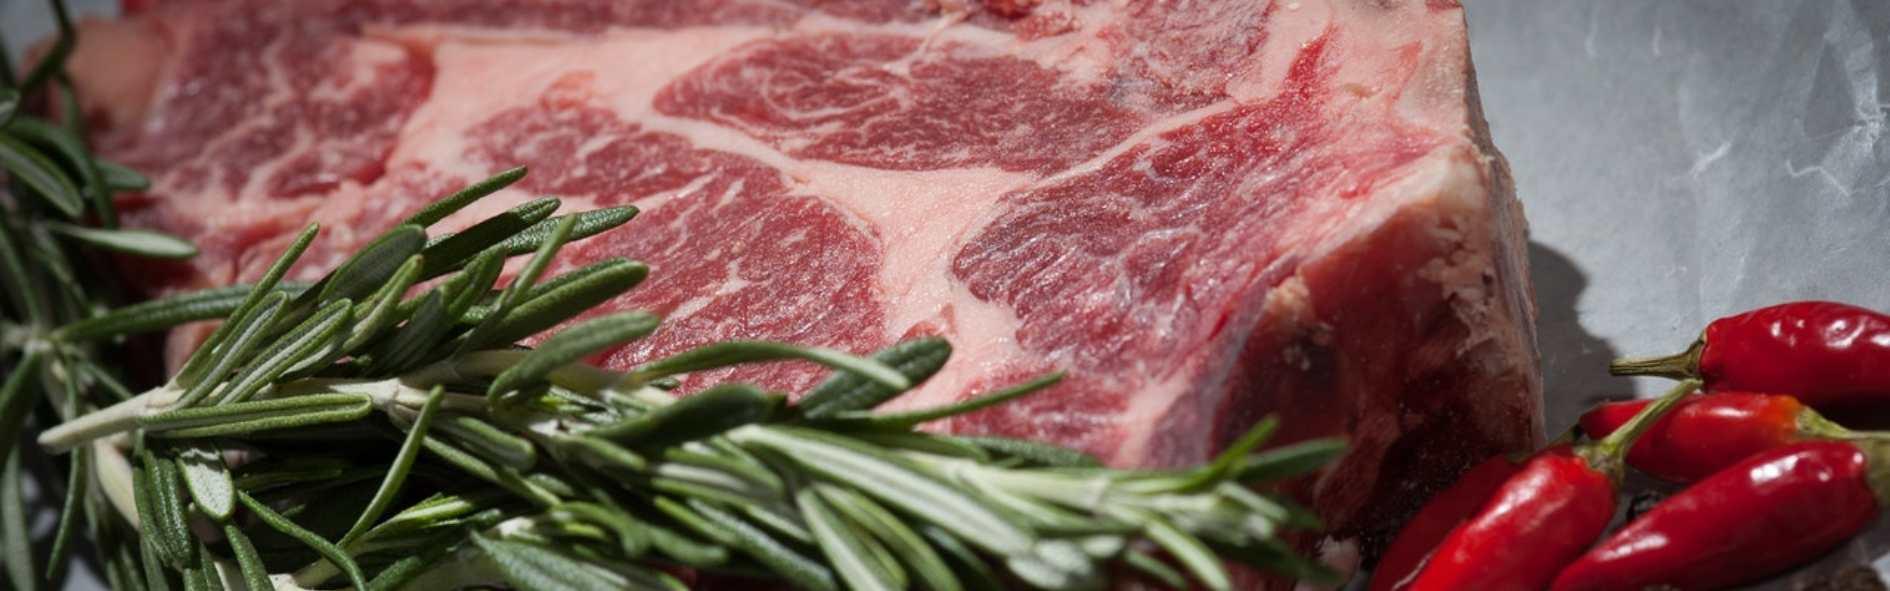 Descubre la carne de vacuno y los tipos de carne de bovino que puedes encontrar en el mercado